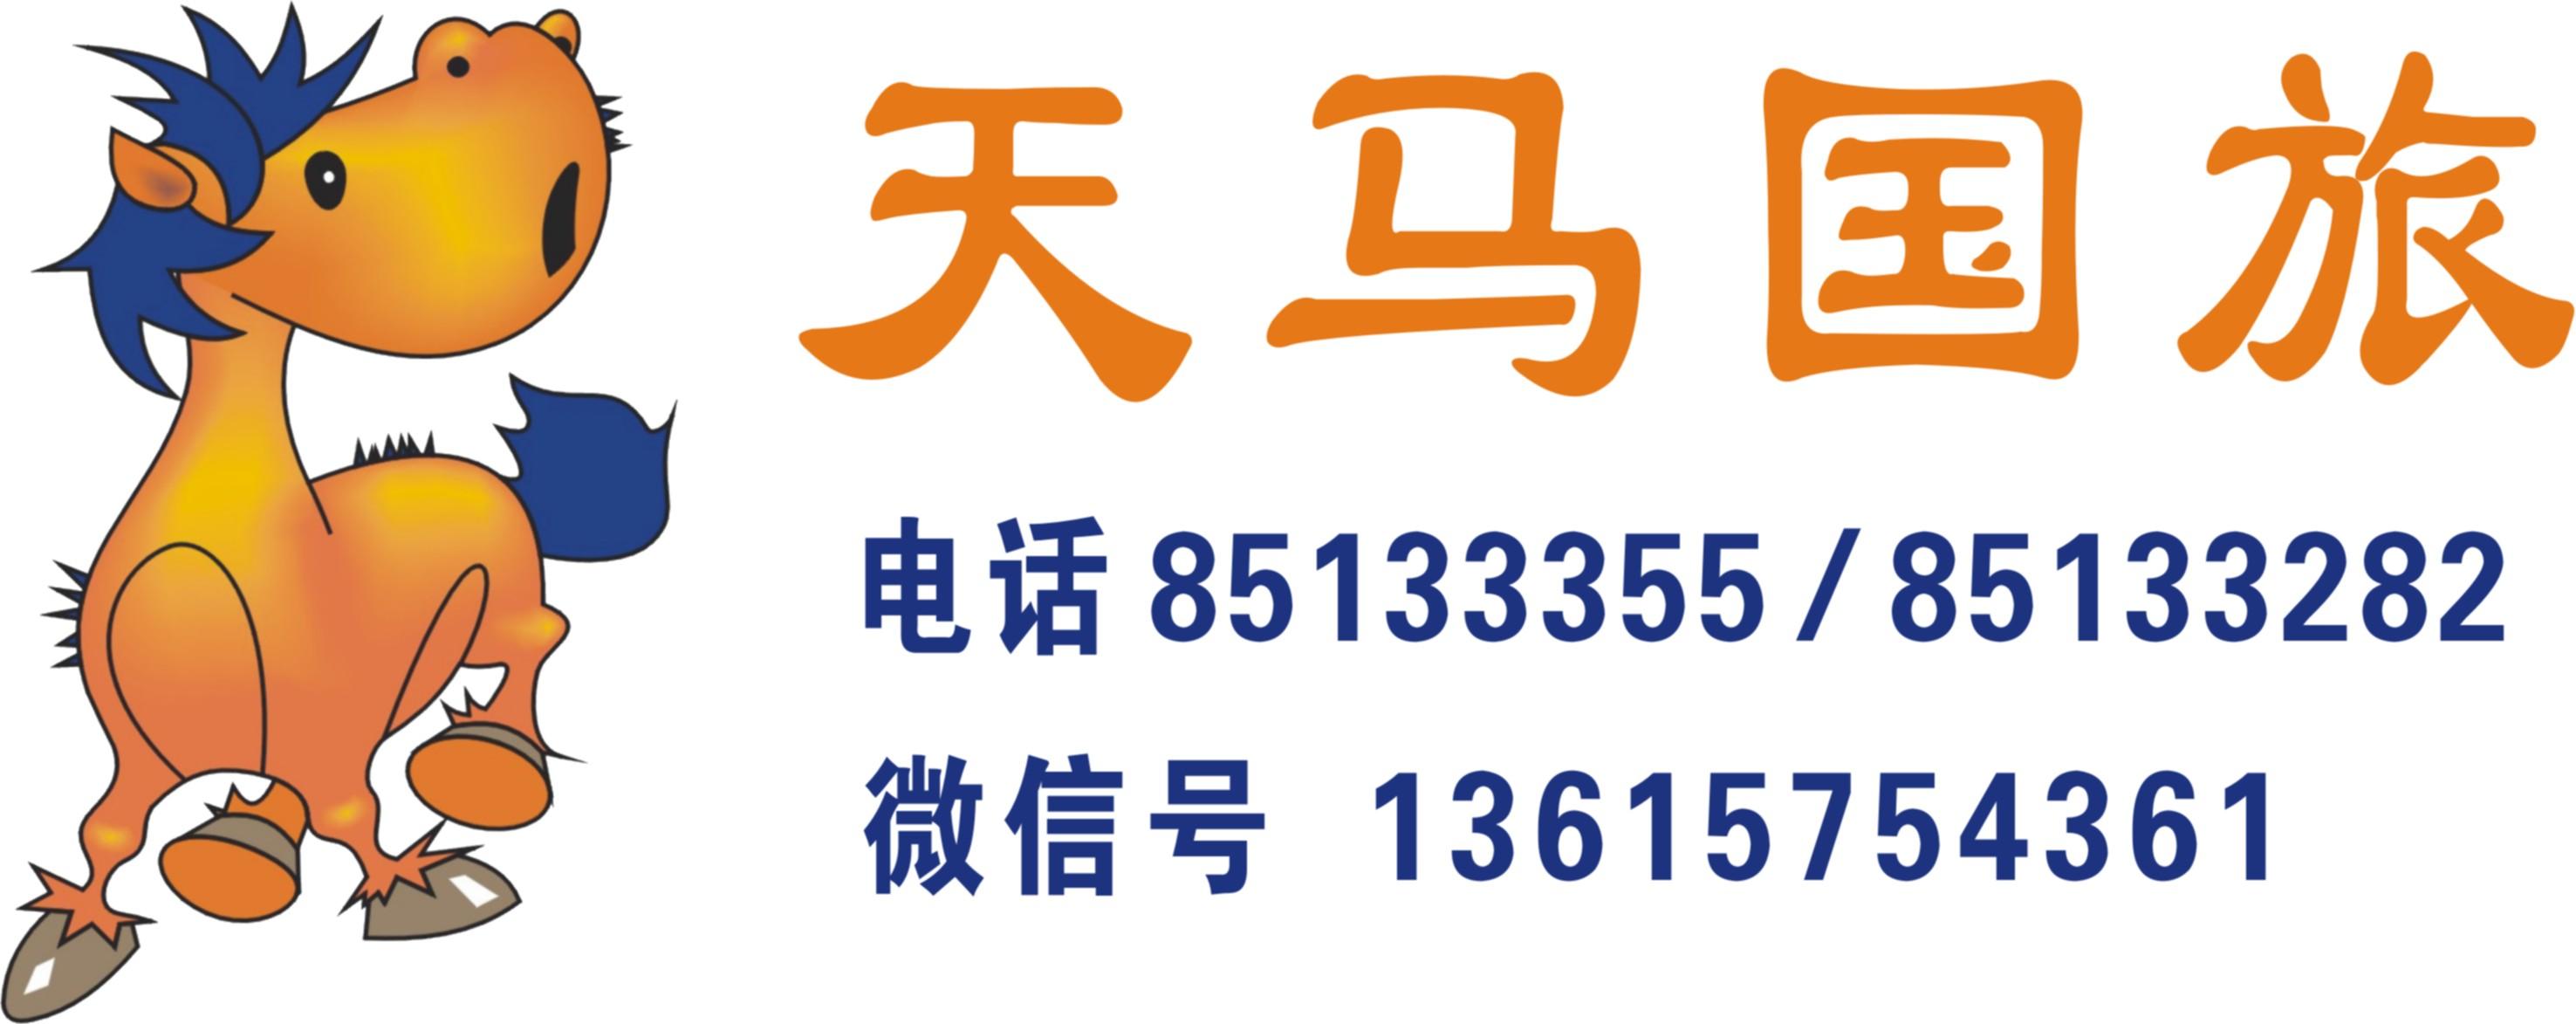 7月【W者Z尊—高山森林温泉、张家界玻璃桥、凤凰双高六日】